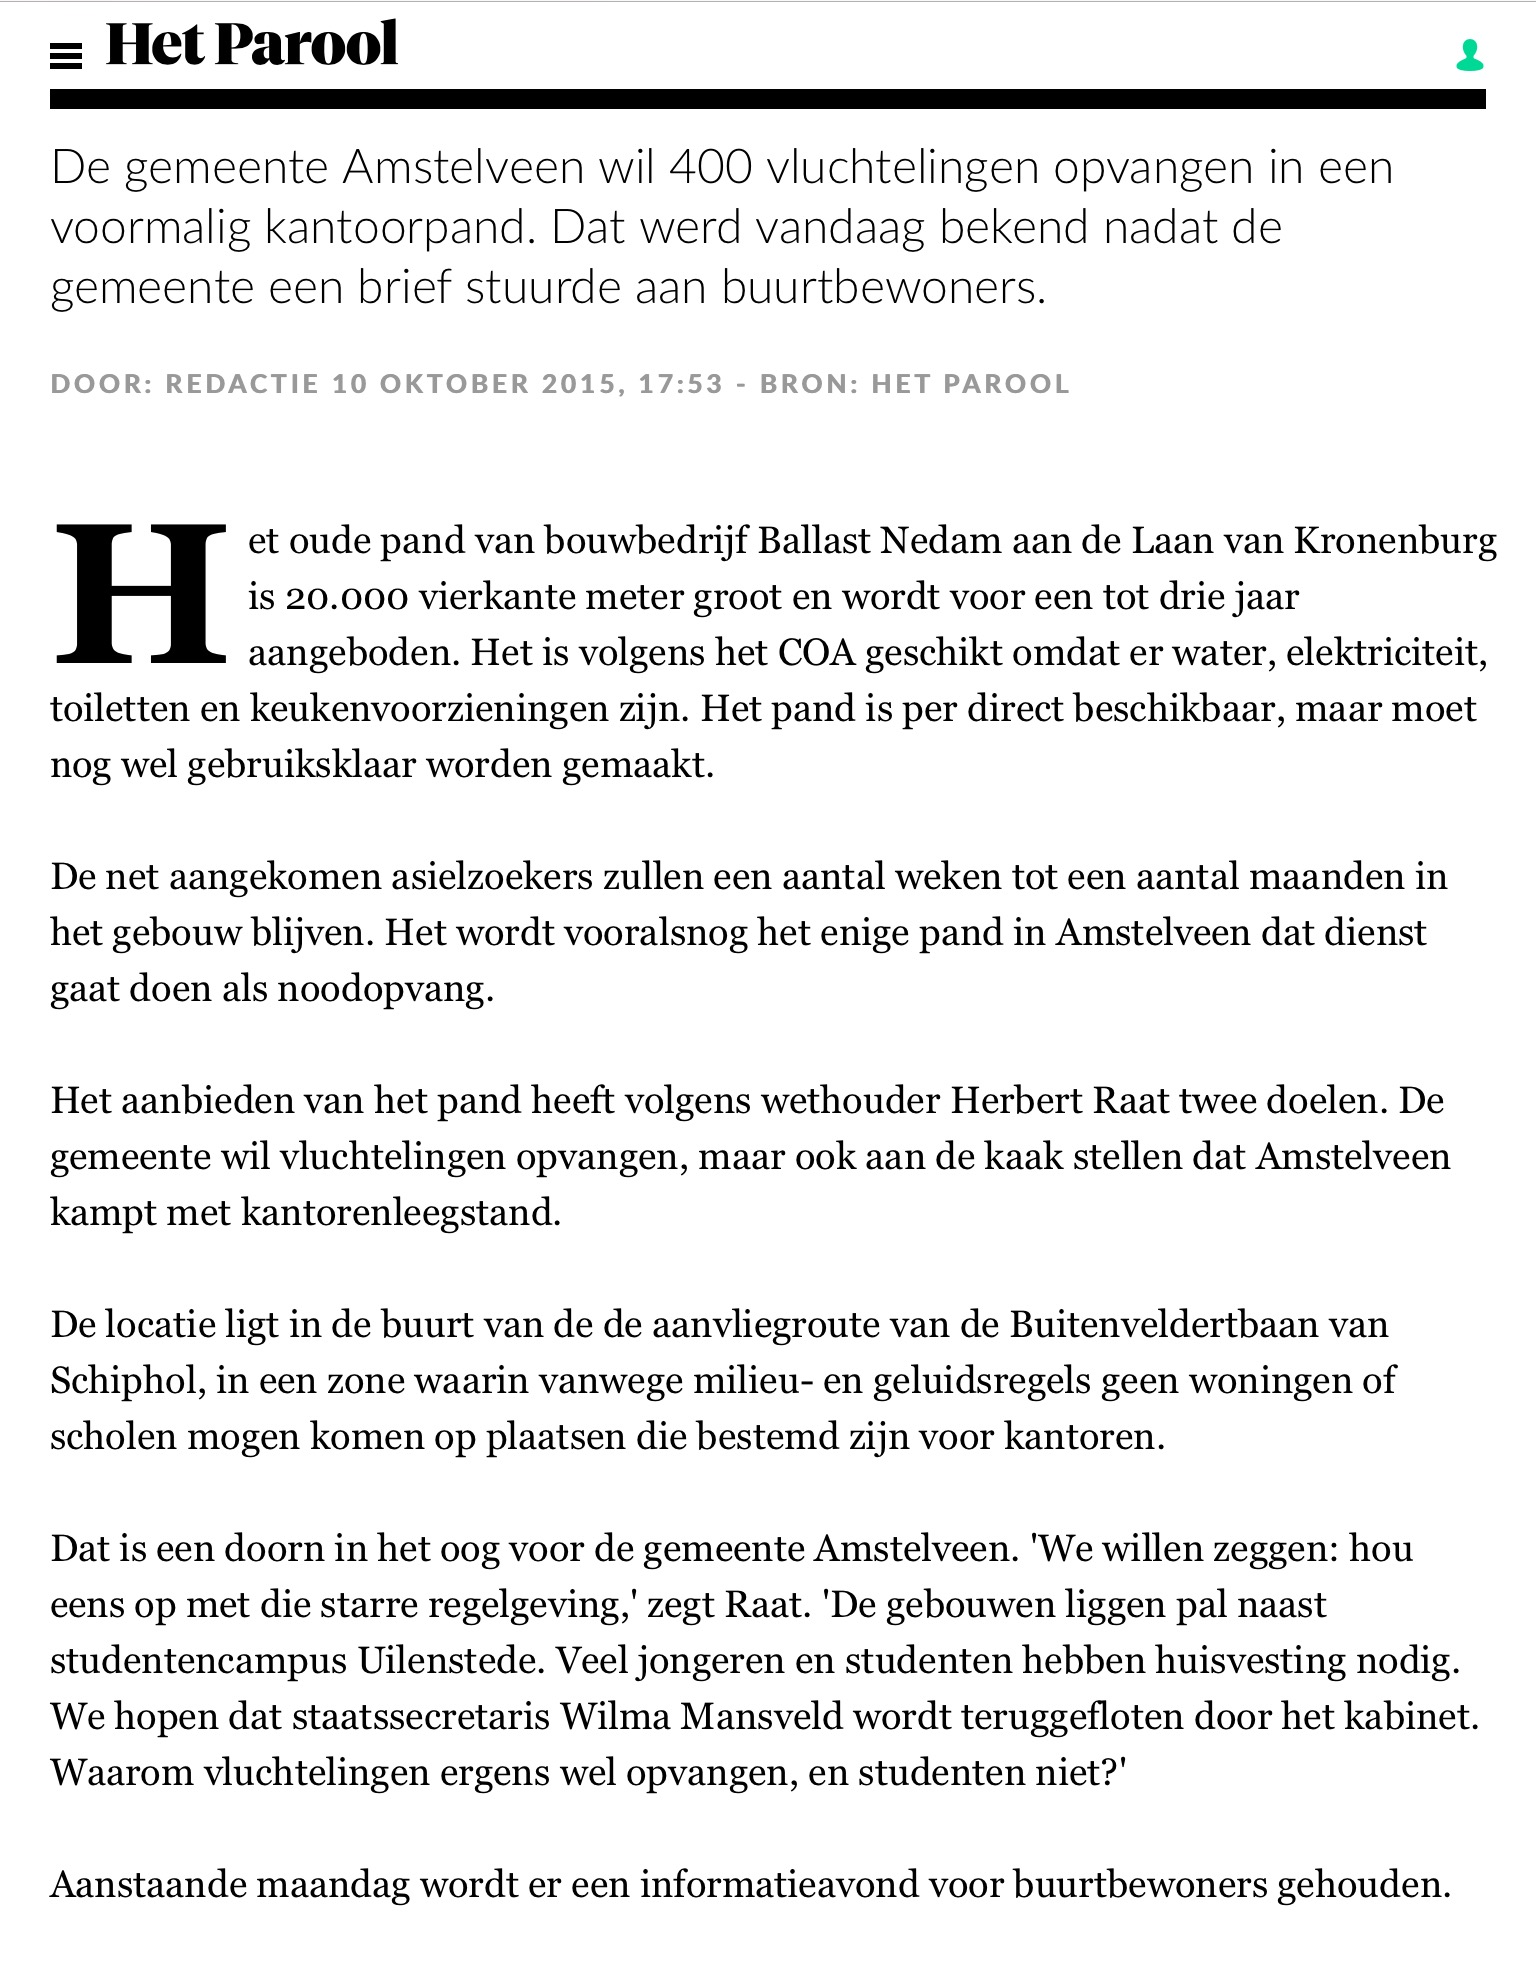 2016-10 oktober het Parool over opvang 400 vluchtelingen in Amstelveen